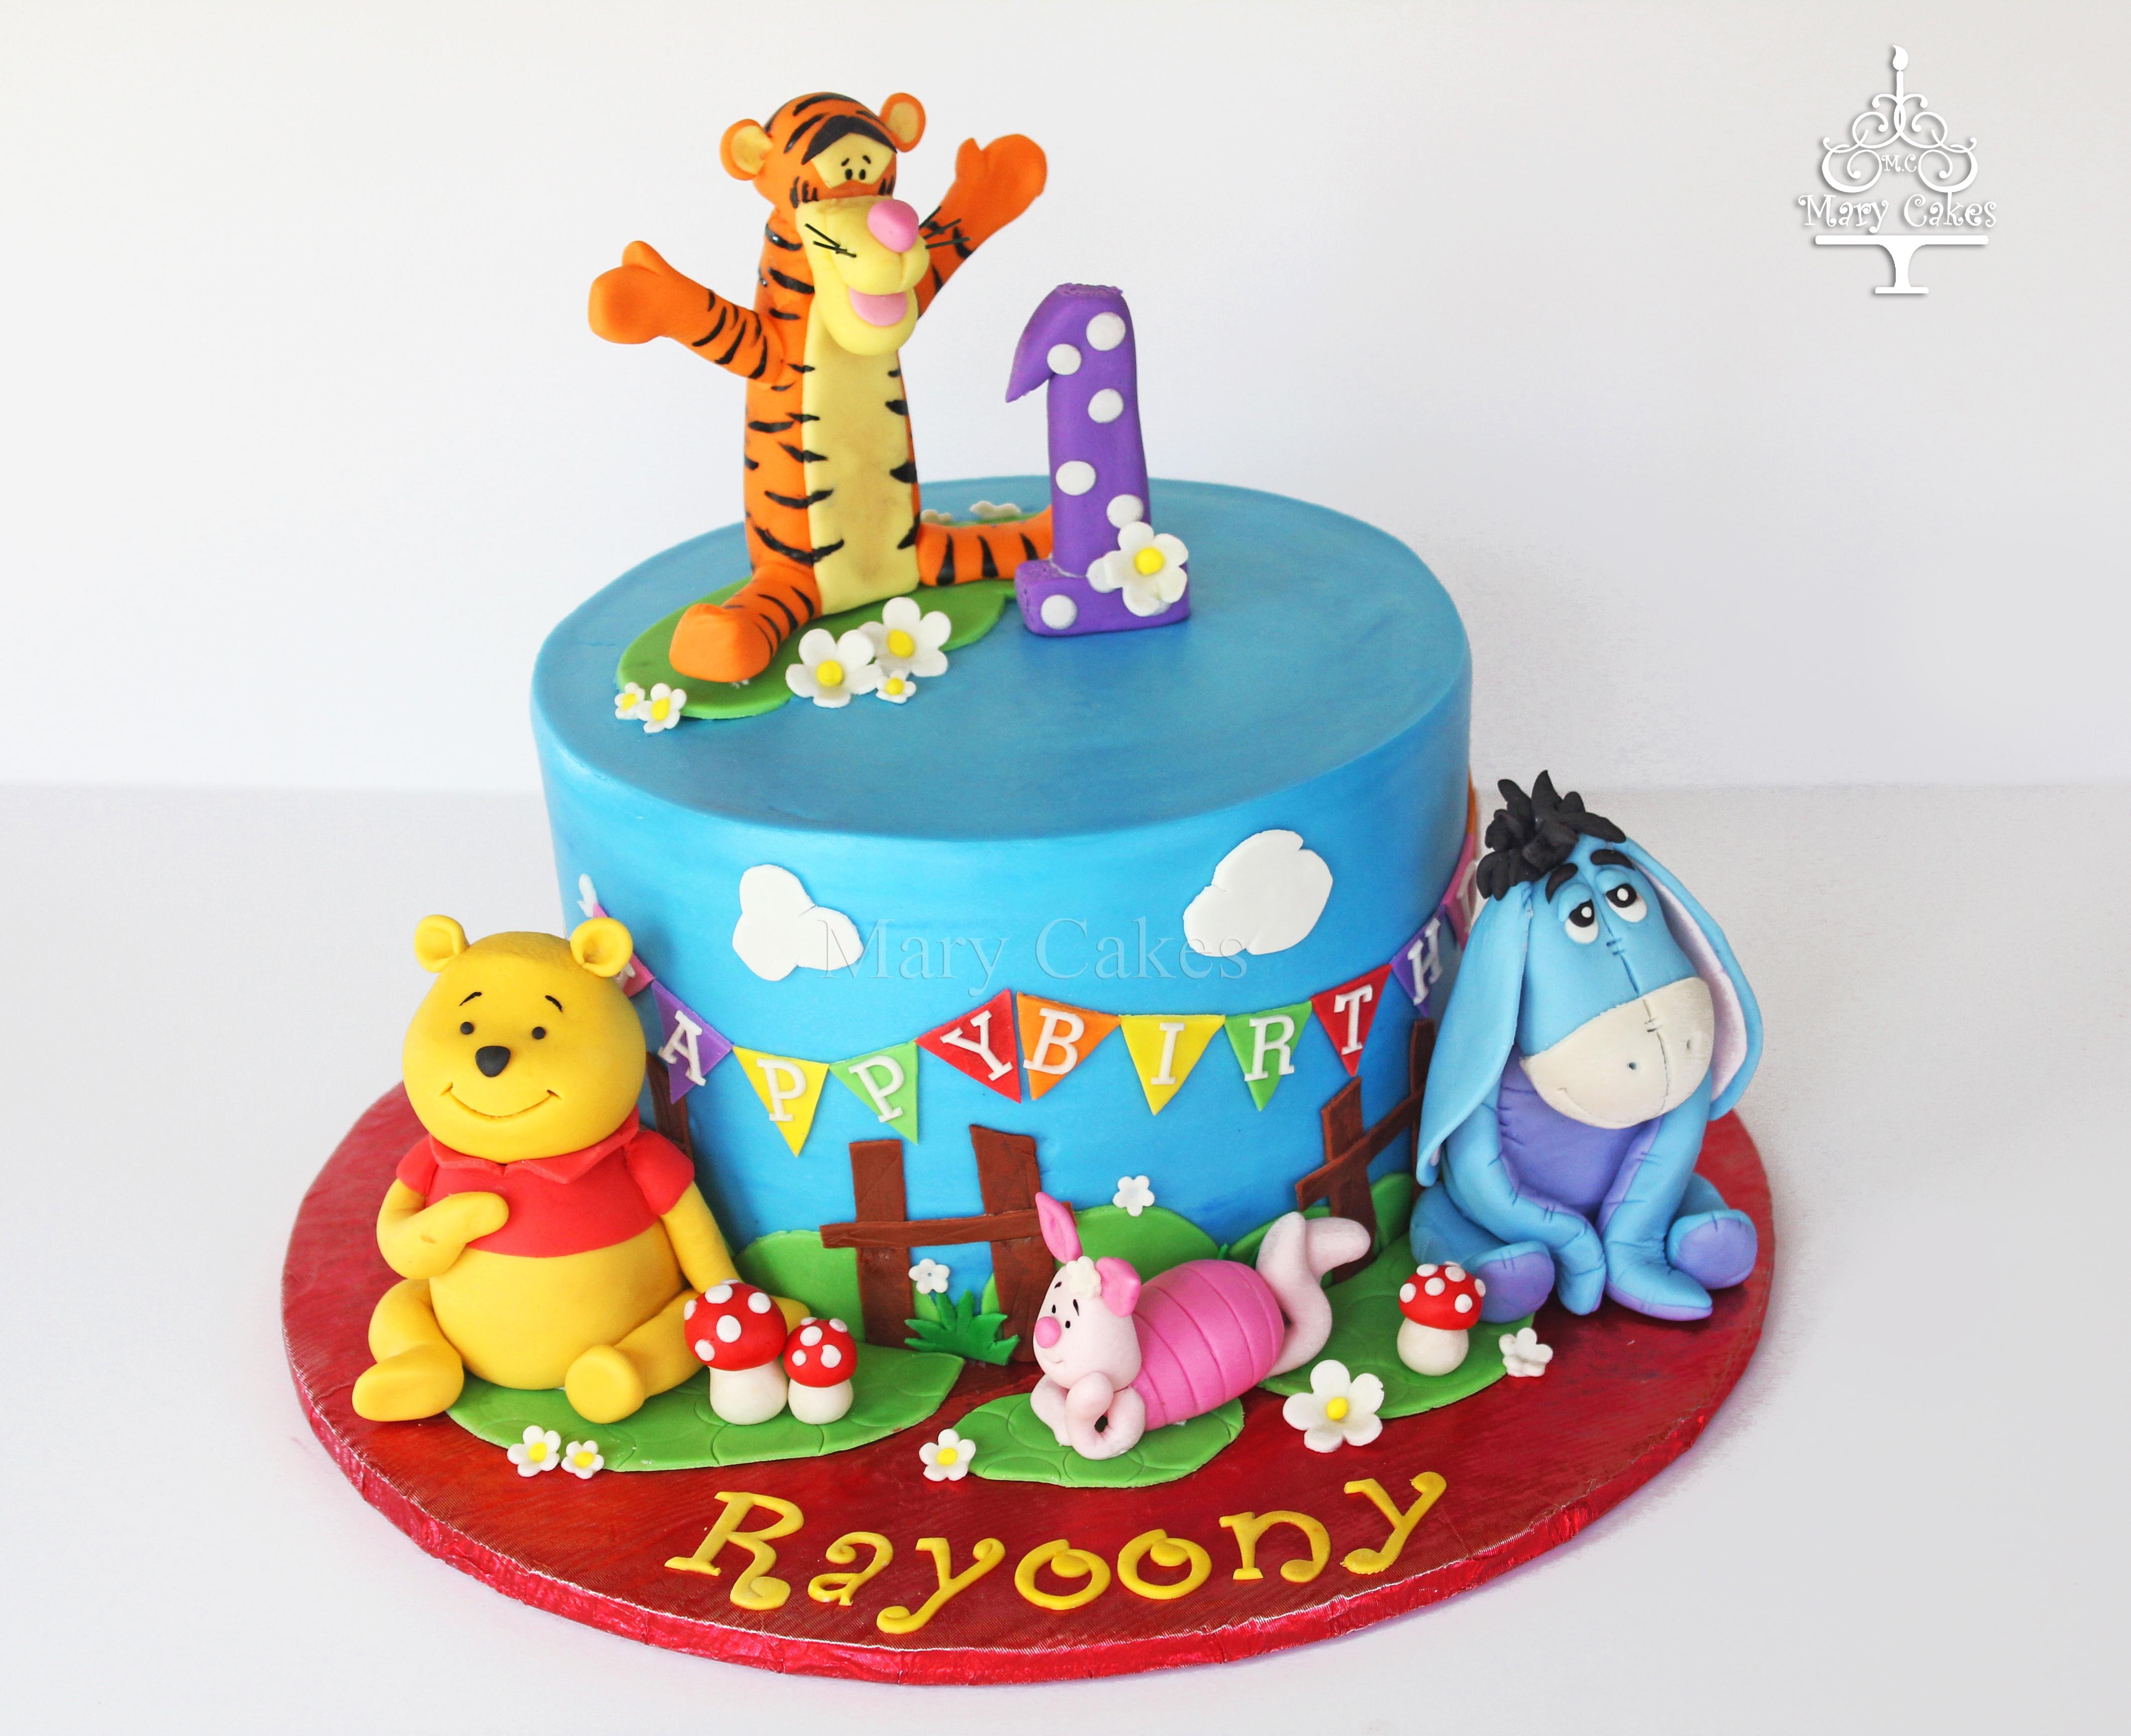 Winnie The Pooh Cake - CakeCentral.com